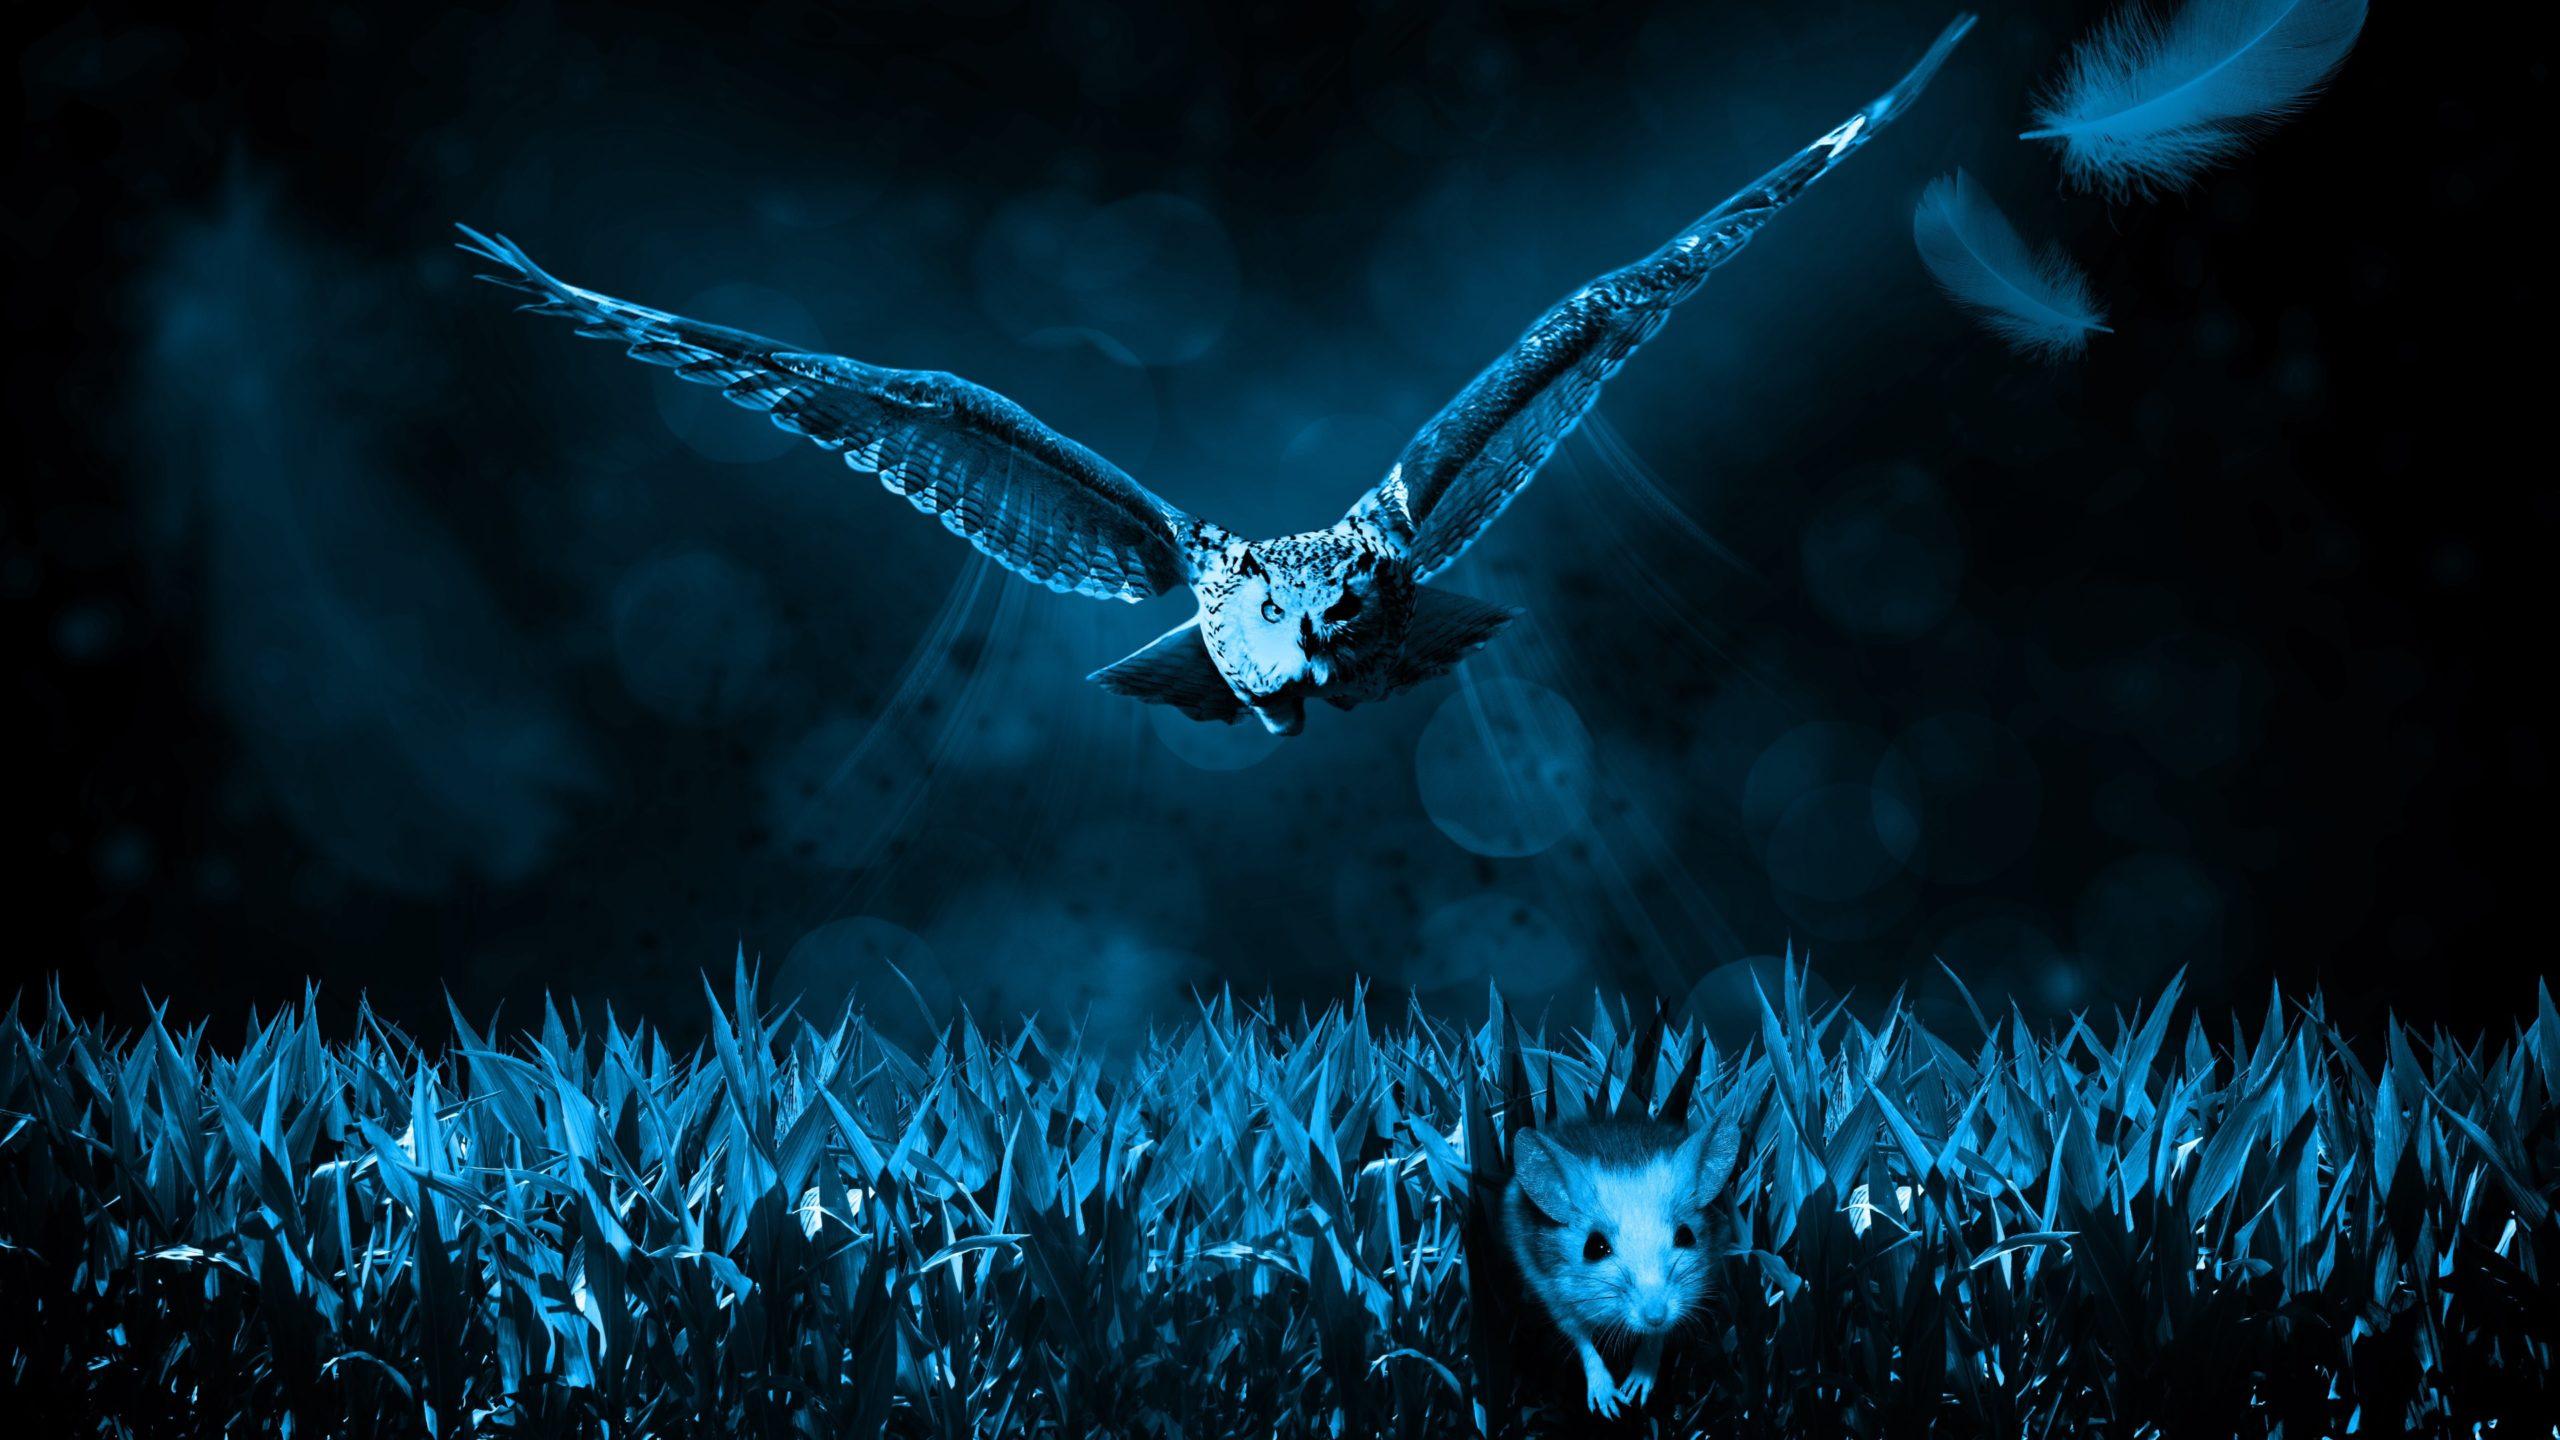 Bird night